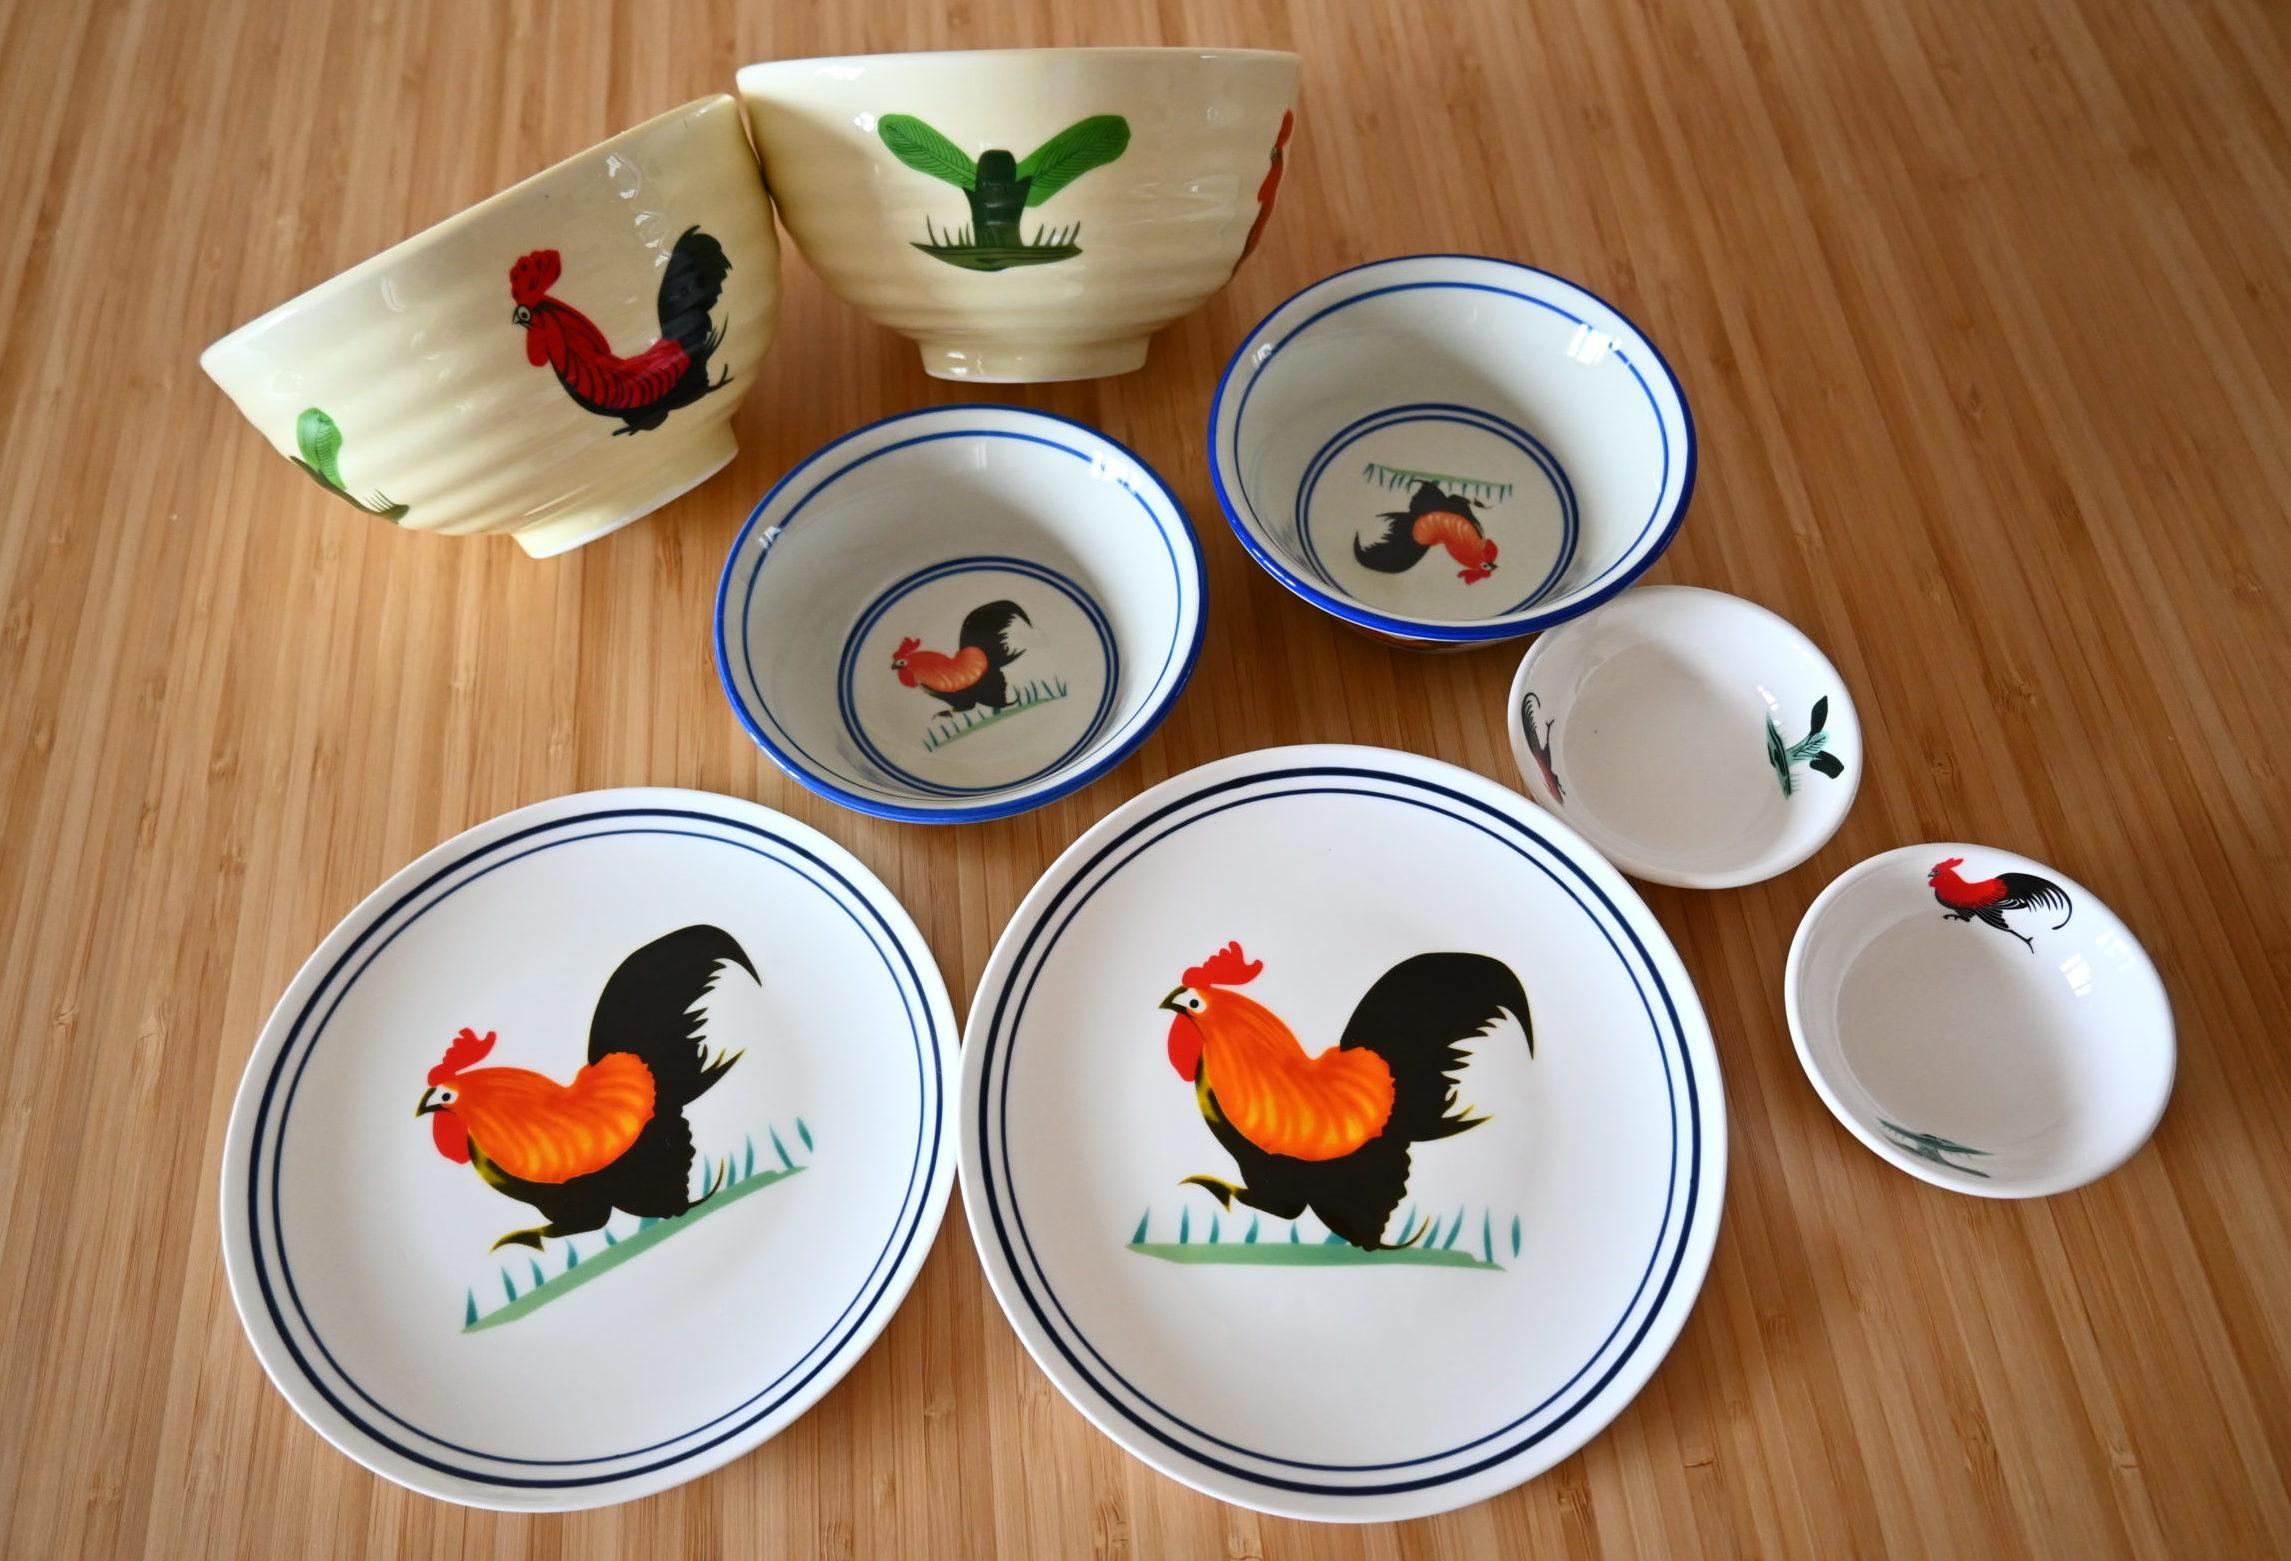 「香港あるある」な鶏柄のお皿を爆買いしてきた。@元朗